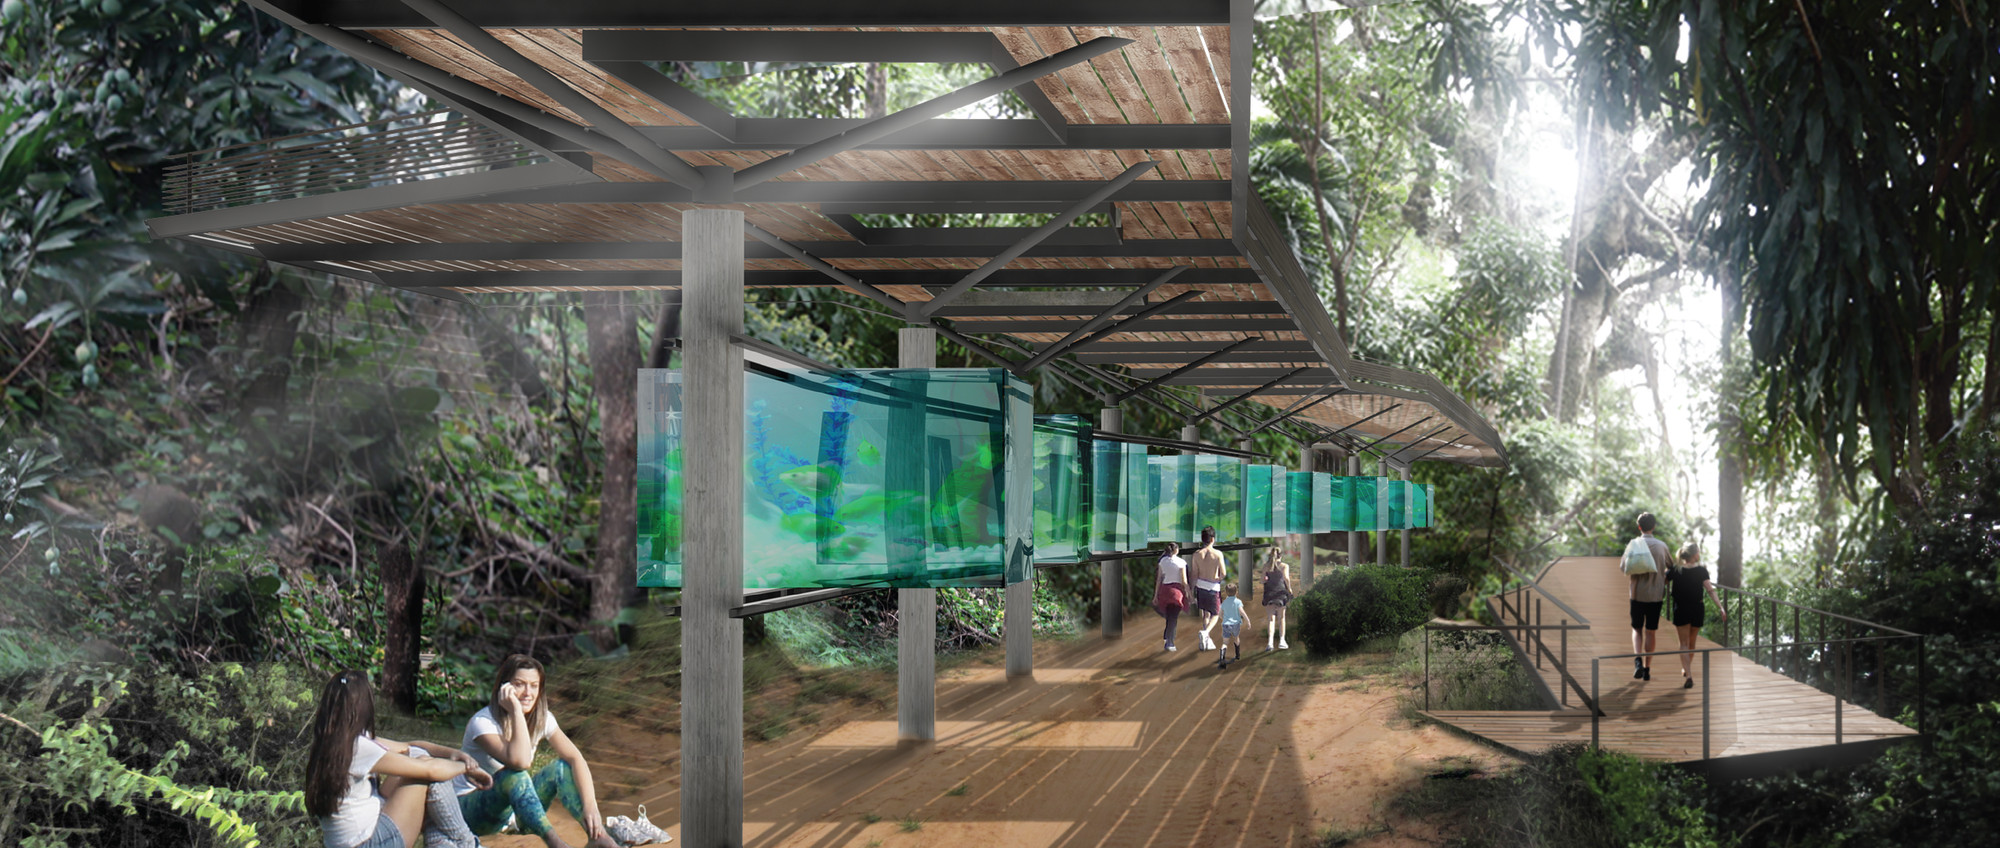 Menção Honrosa no Concurso Nacional Parque do Mirante de Piracicaba / Apiacás Arquitetos, Cortesia de Apiacás Arquitetos